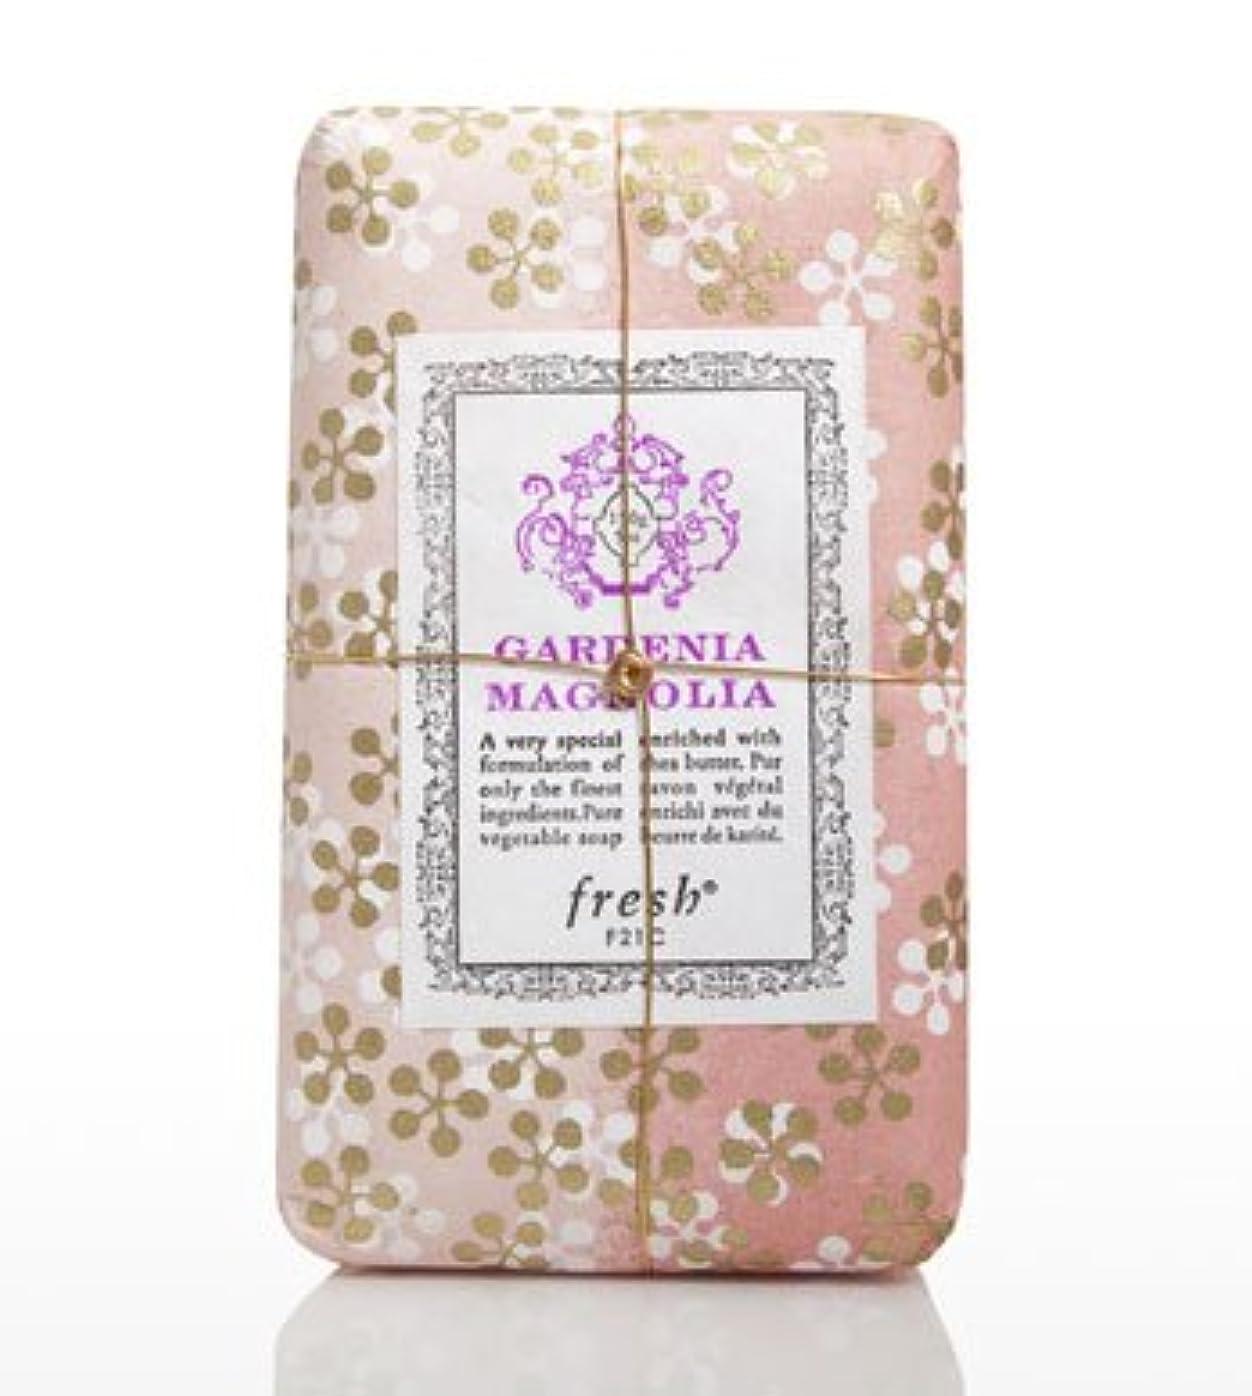 社会主義者誰か義務づけるFresh GARDENIA MAGNOLIA SOAP(フレッシュ ガーデナマグノリア ソープ) 5.0 oz (150gl) 石鹸 by Fresh